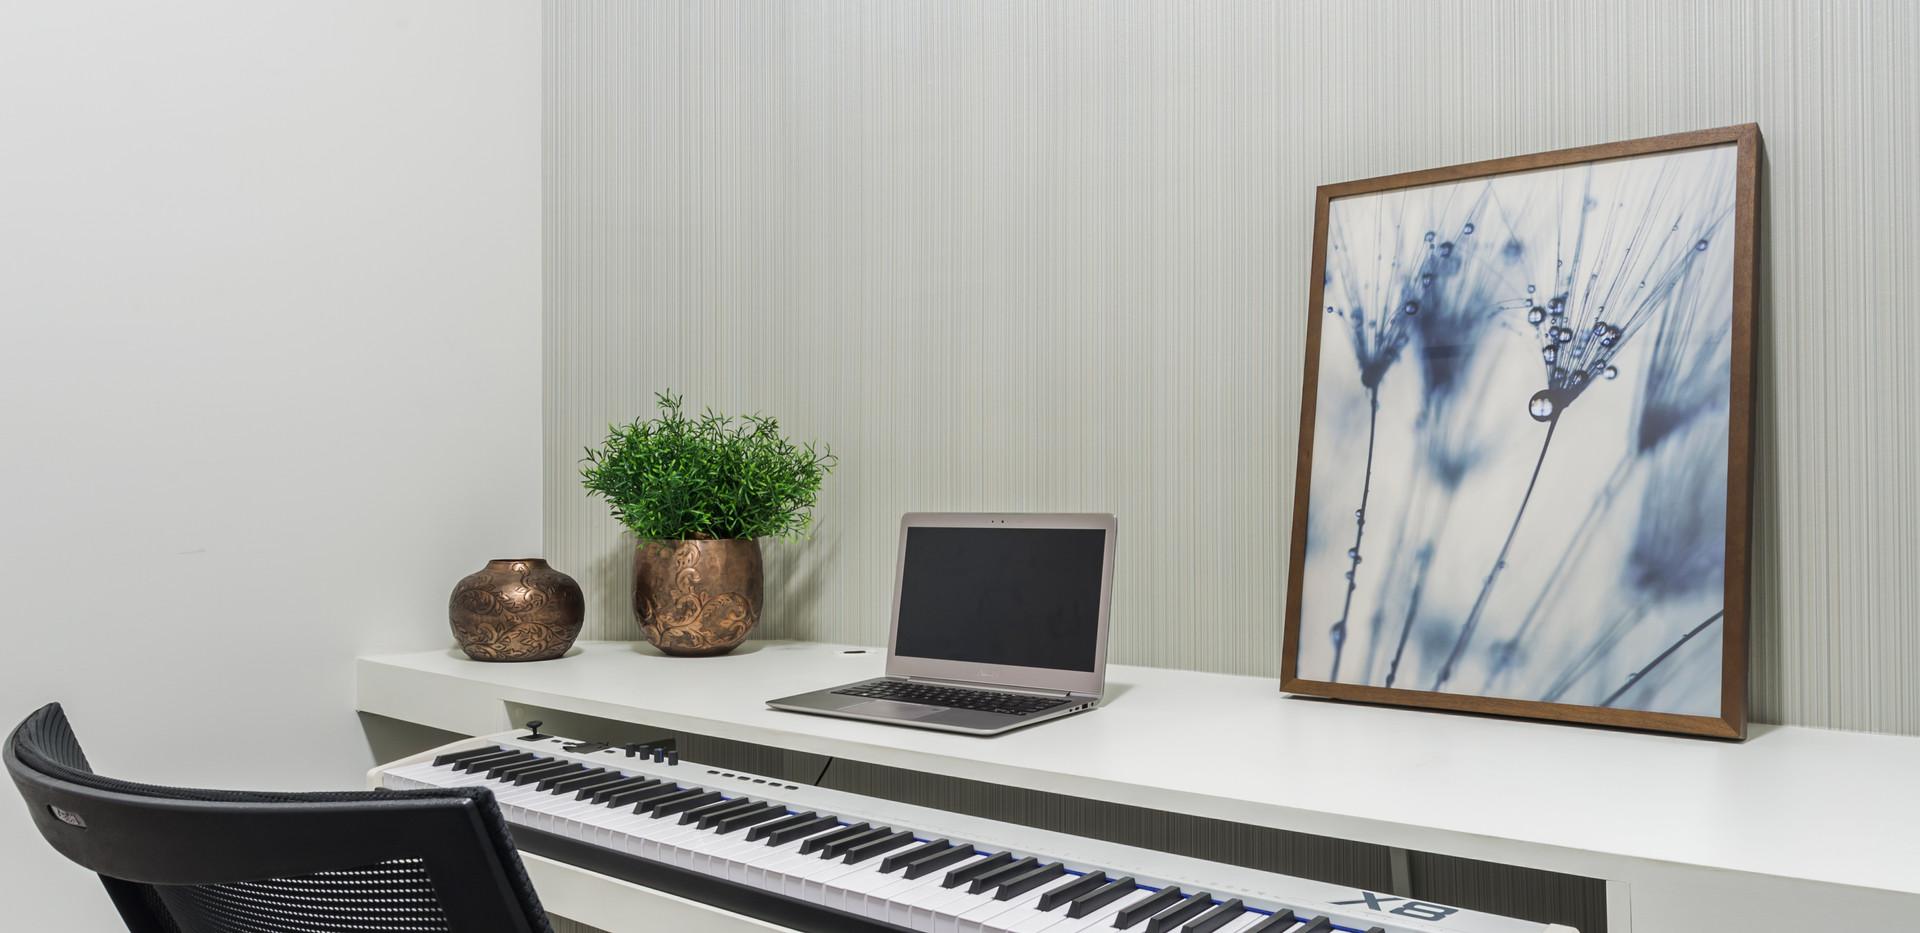 Escritório Home Office - Ana Marinho - Designare Ambientes - BH-MG-Brasil 04.jpg